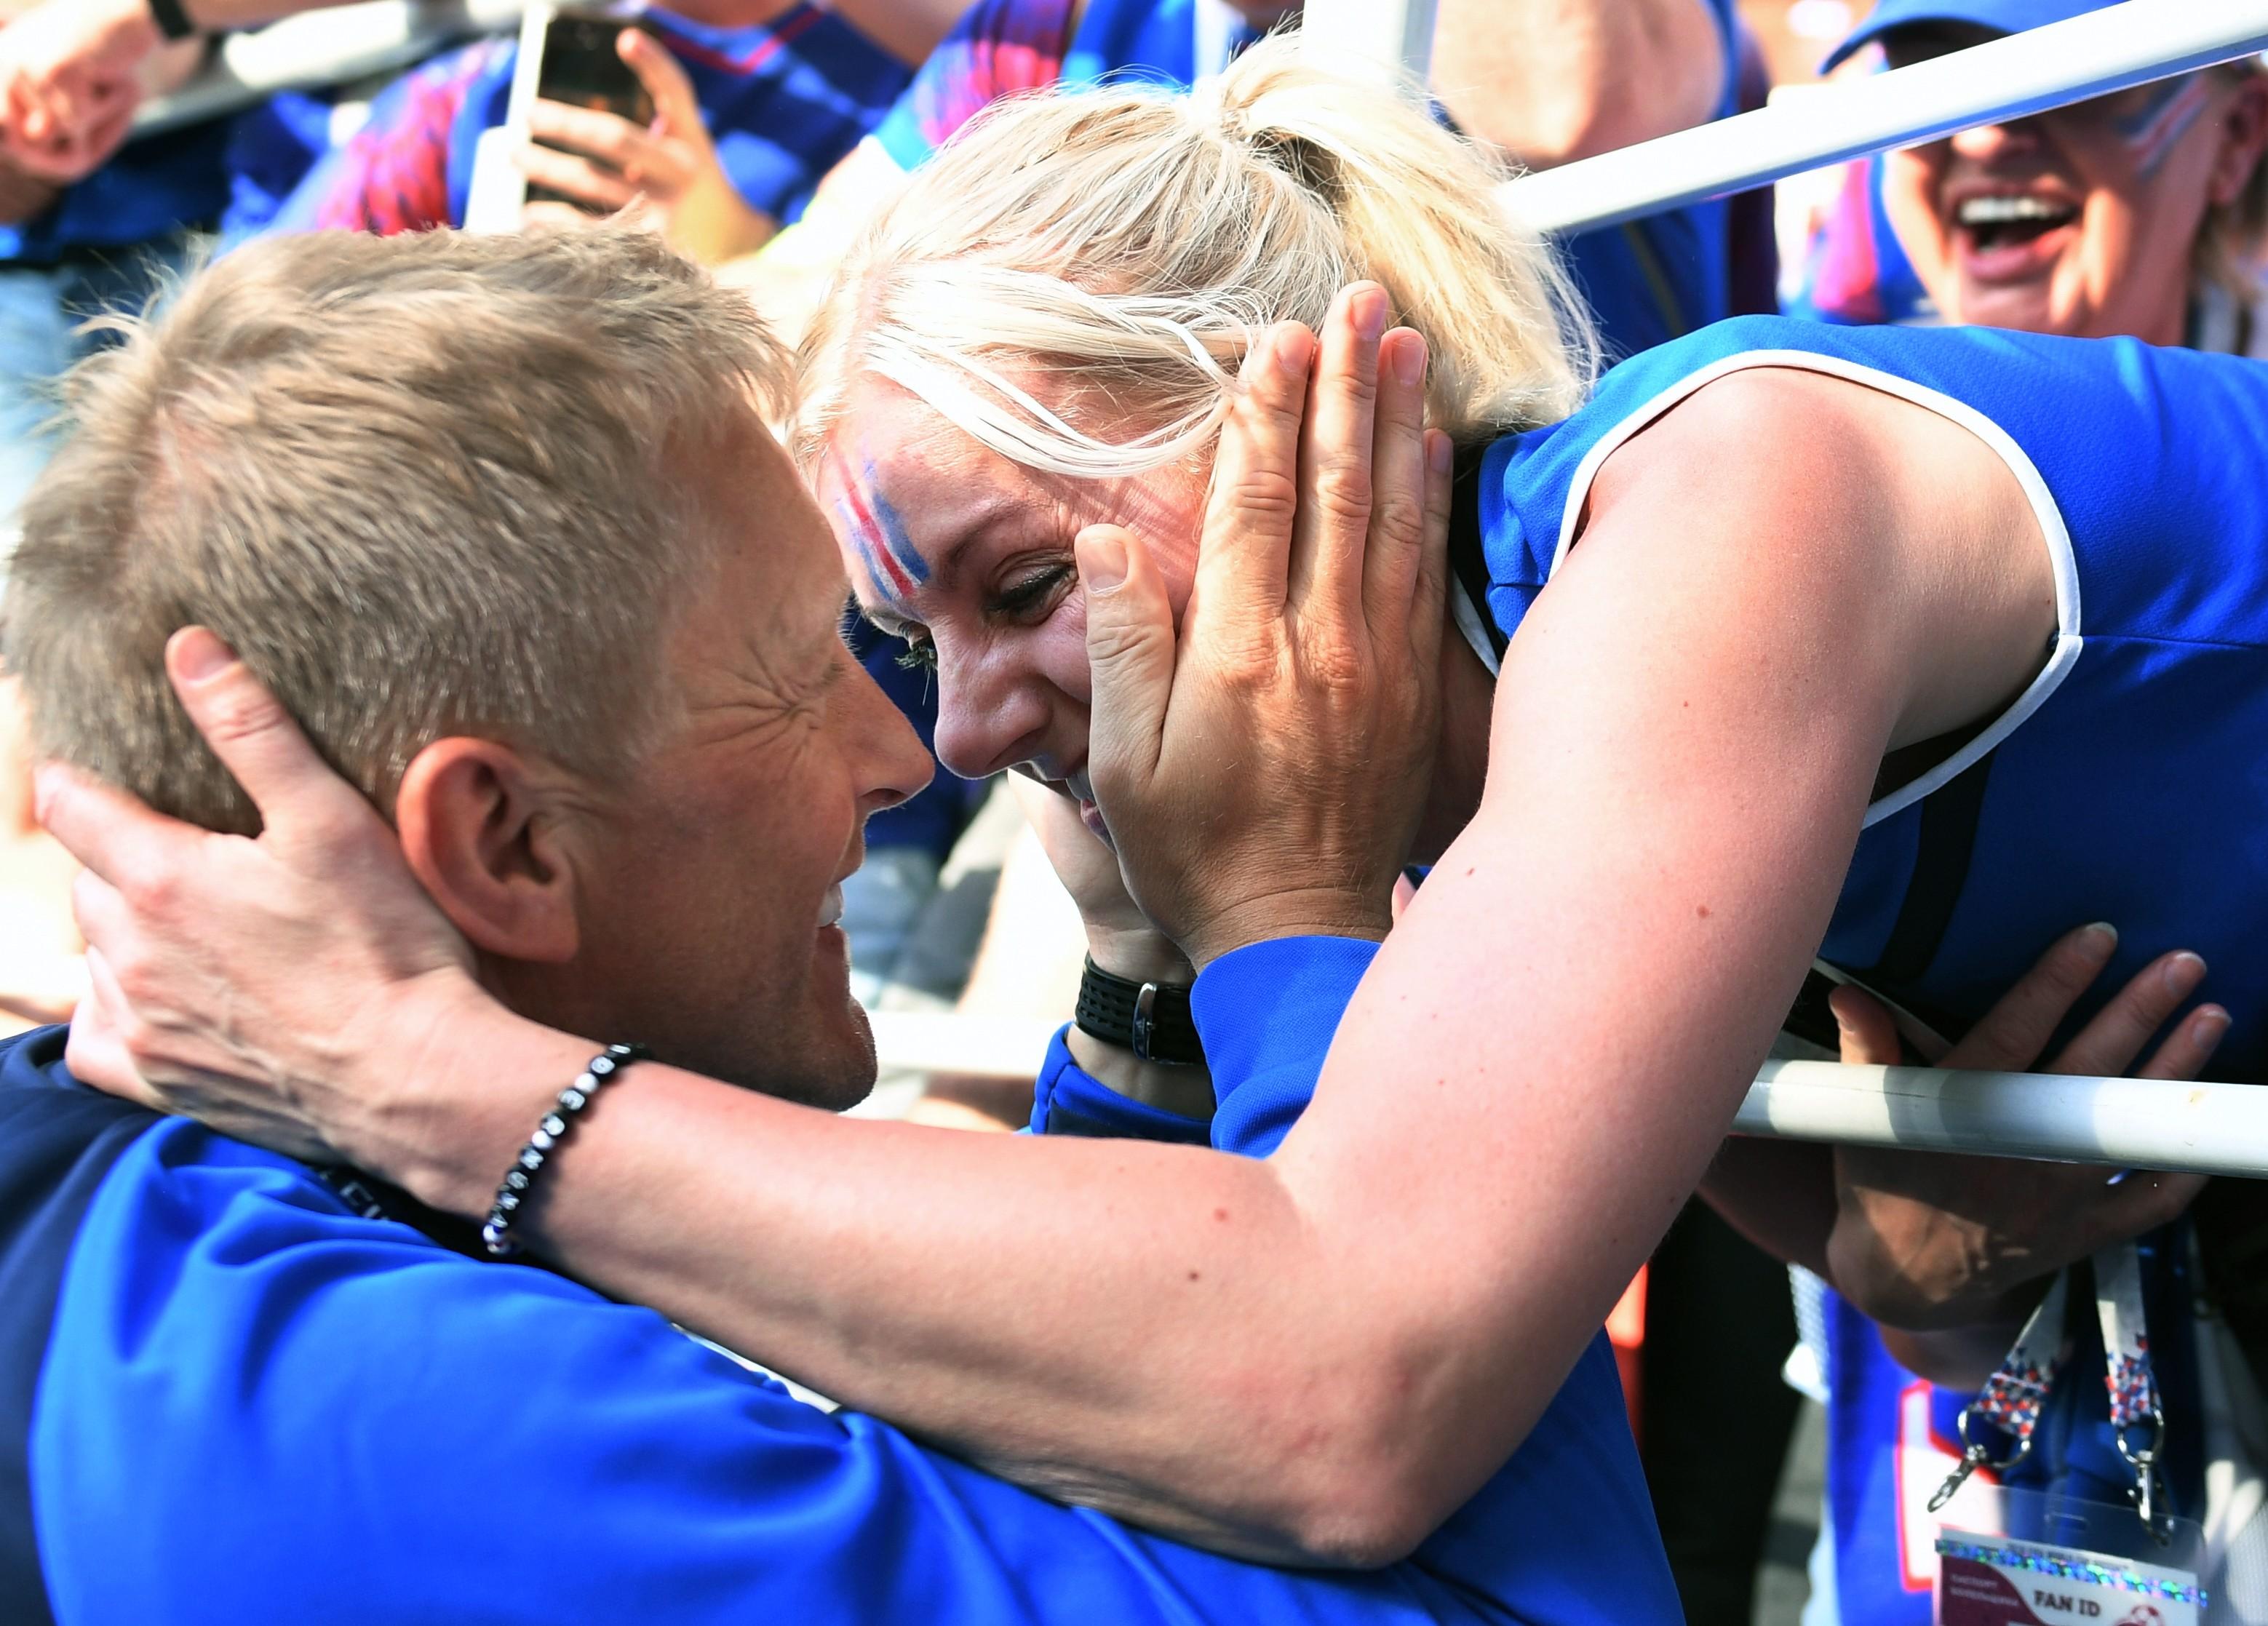 Главный тренер сборной Исландии Хеймир Хальгримссон с женой после матча. Фото: © РИА Новости / Виталий Белоусов